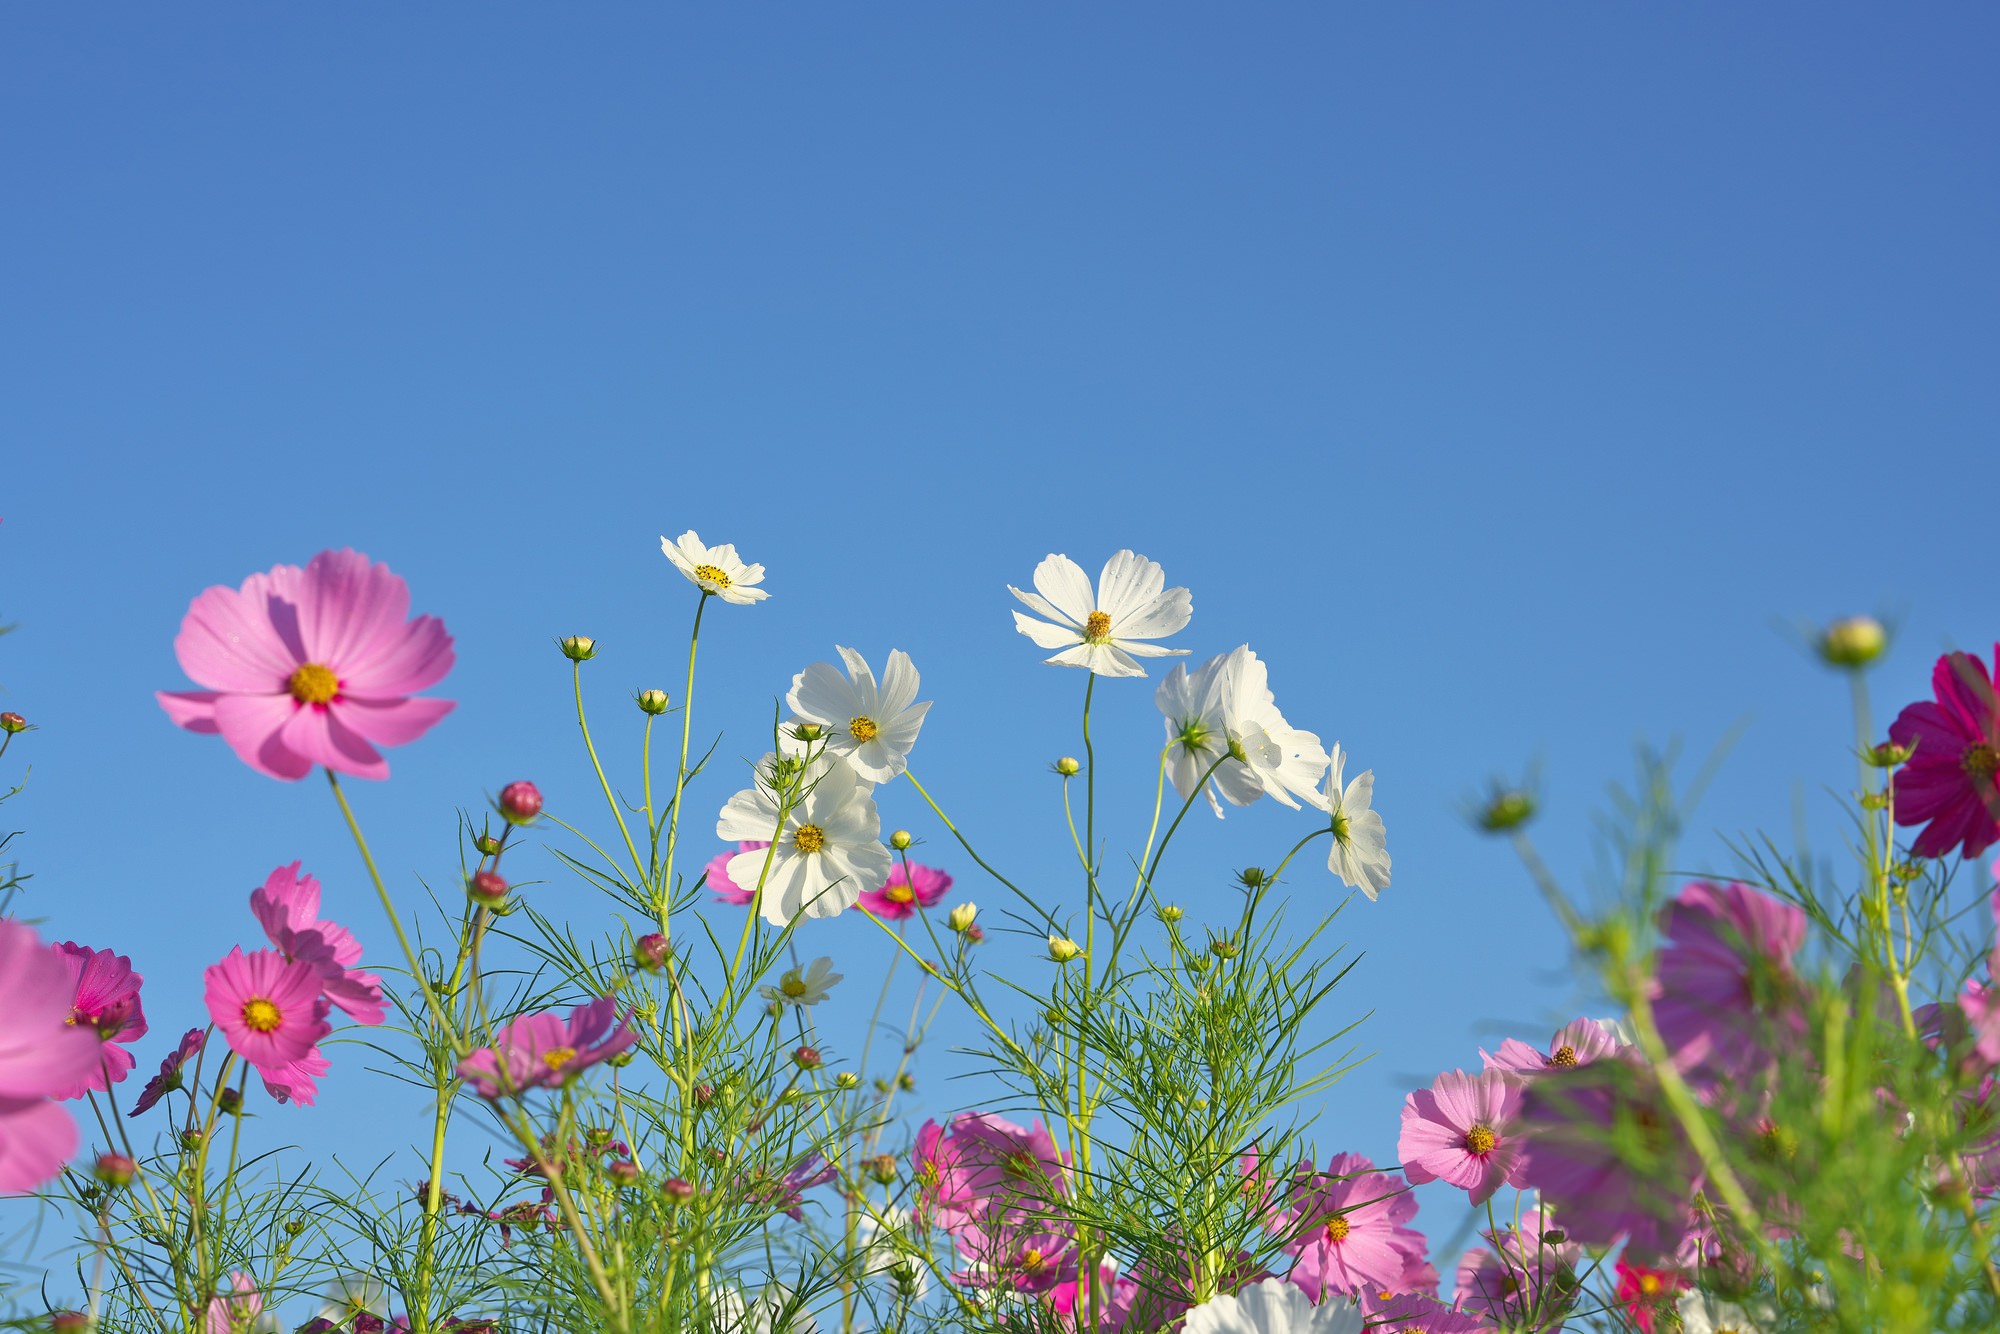 秋を象徴する花、コスモスとリンドウ